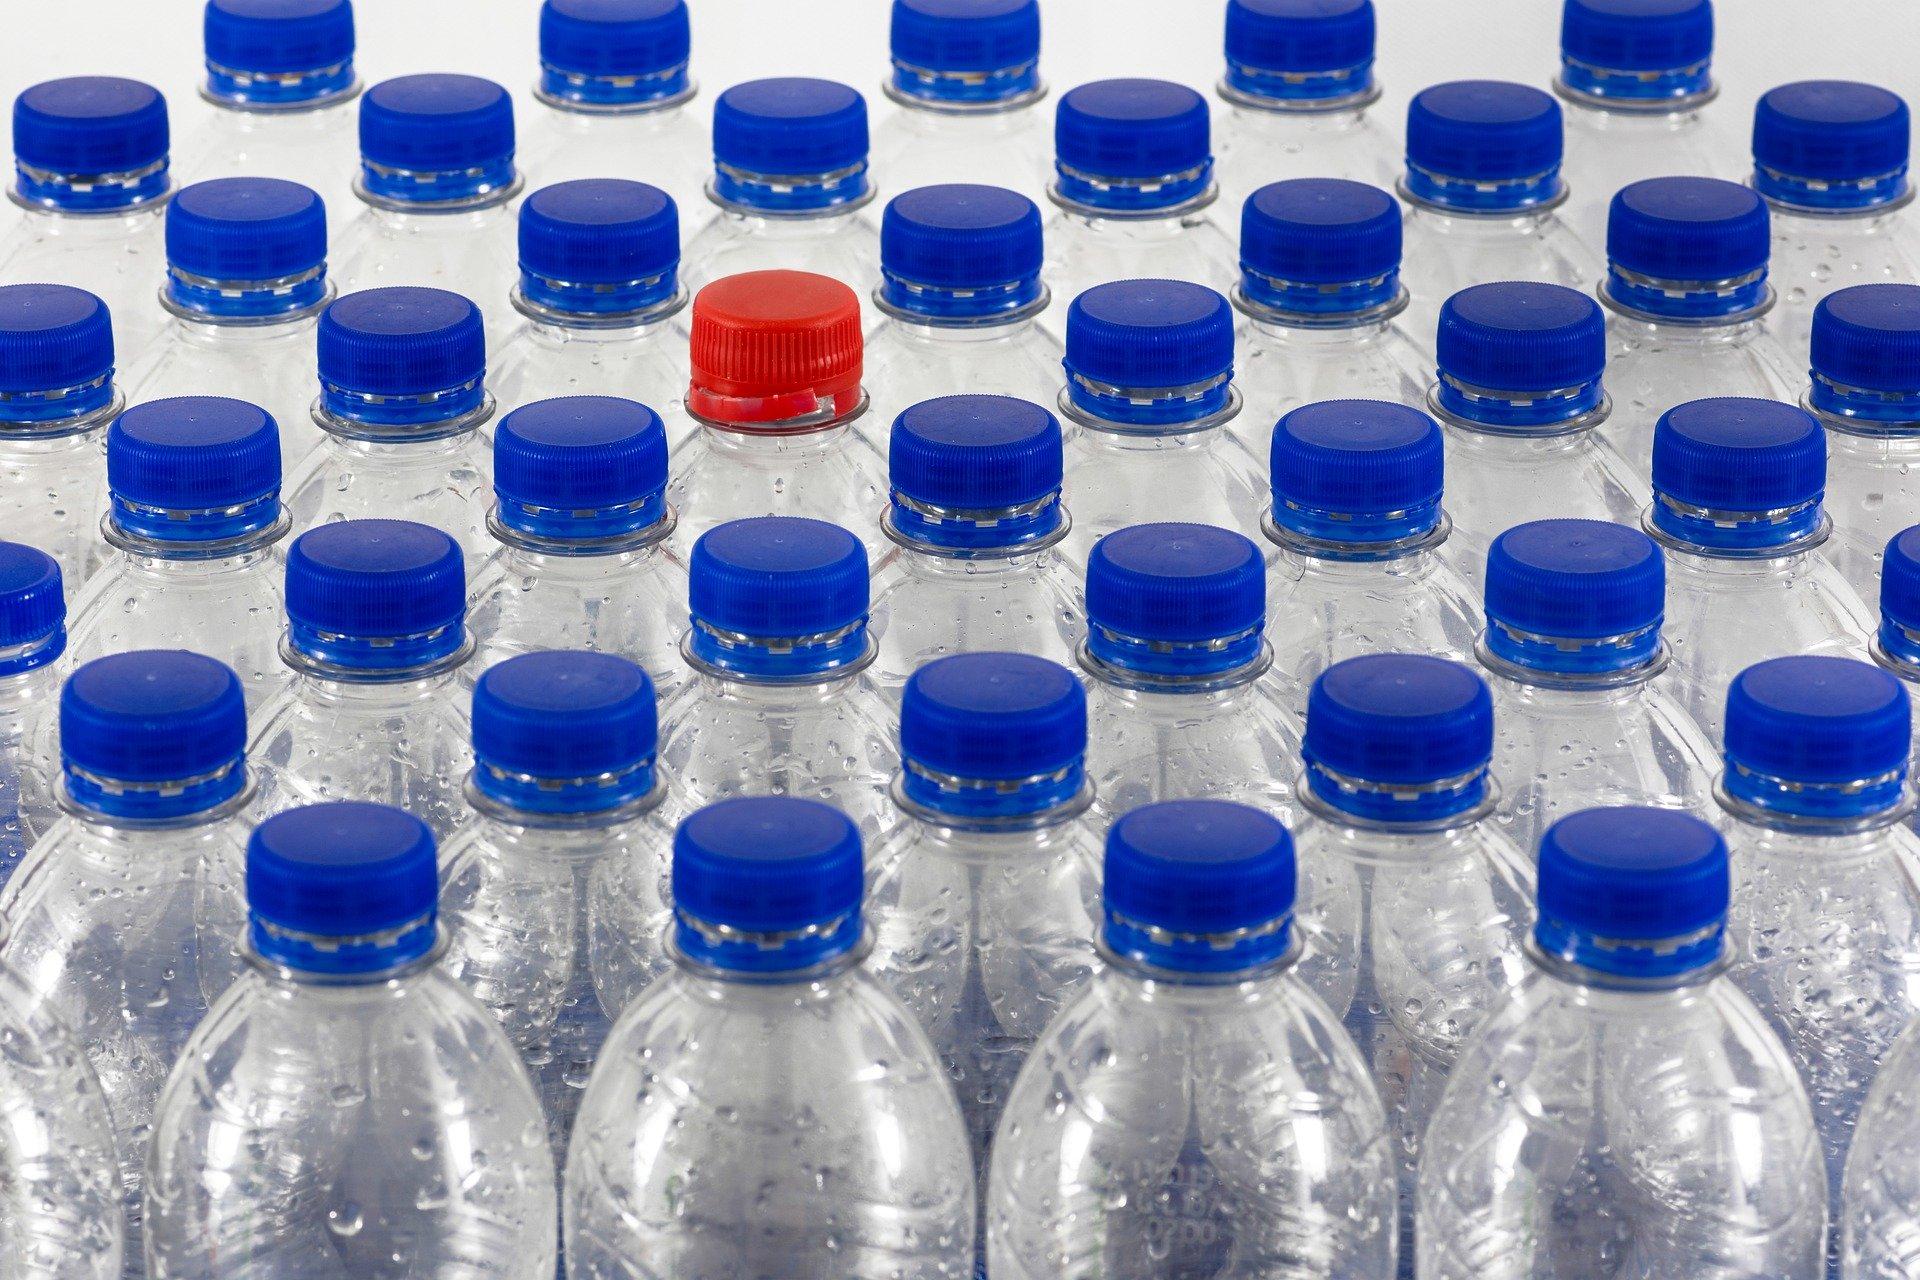 Plásticos reciclables, biodegradables o compostables, ¿qué son y en qué se diferencian?